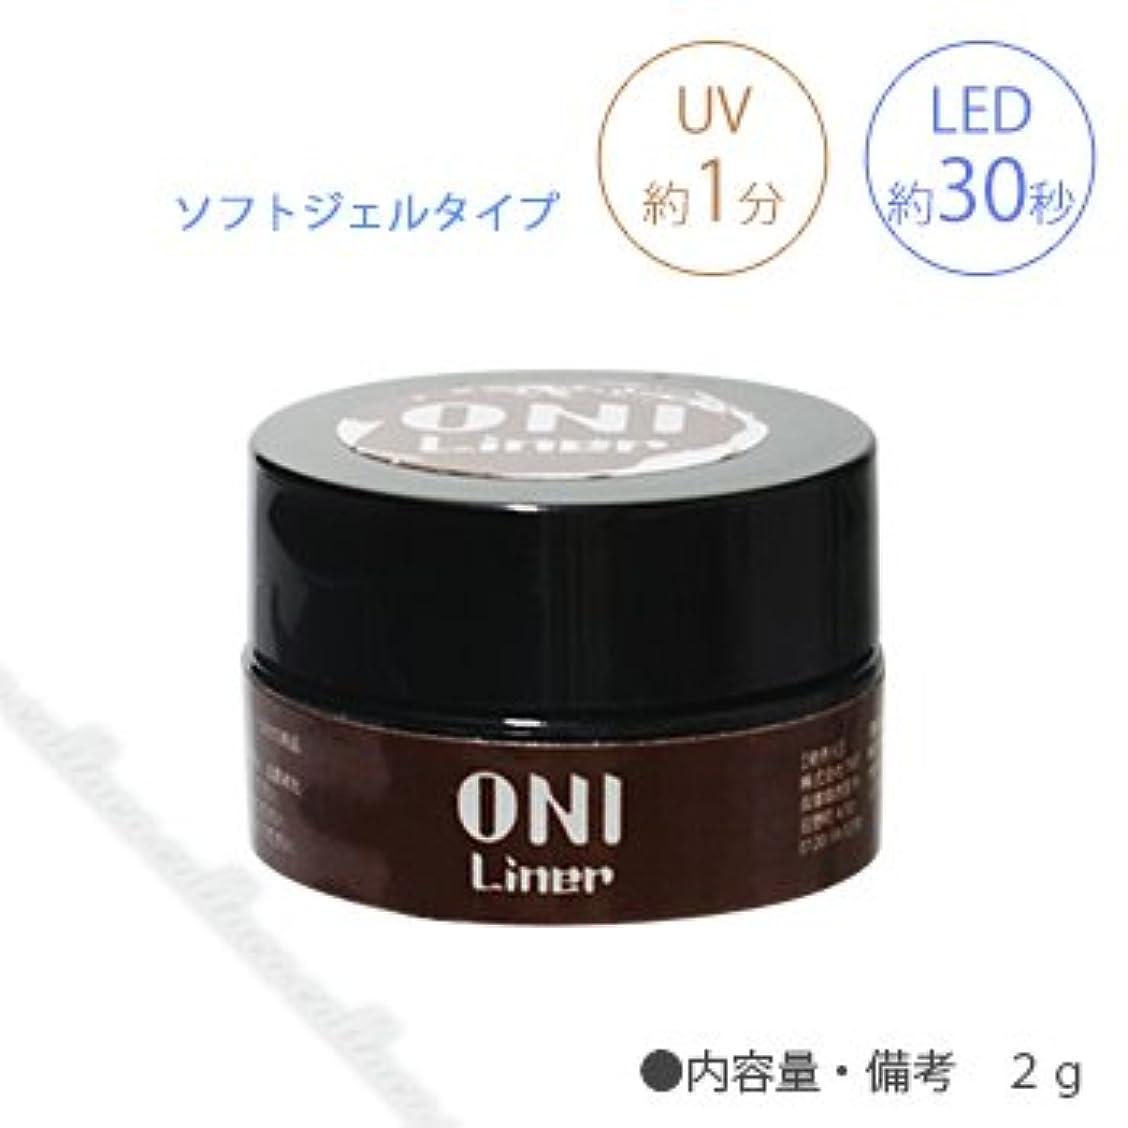 ゆるく食べるバルブONI Liner (オニライナー) ブラウン 2g